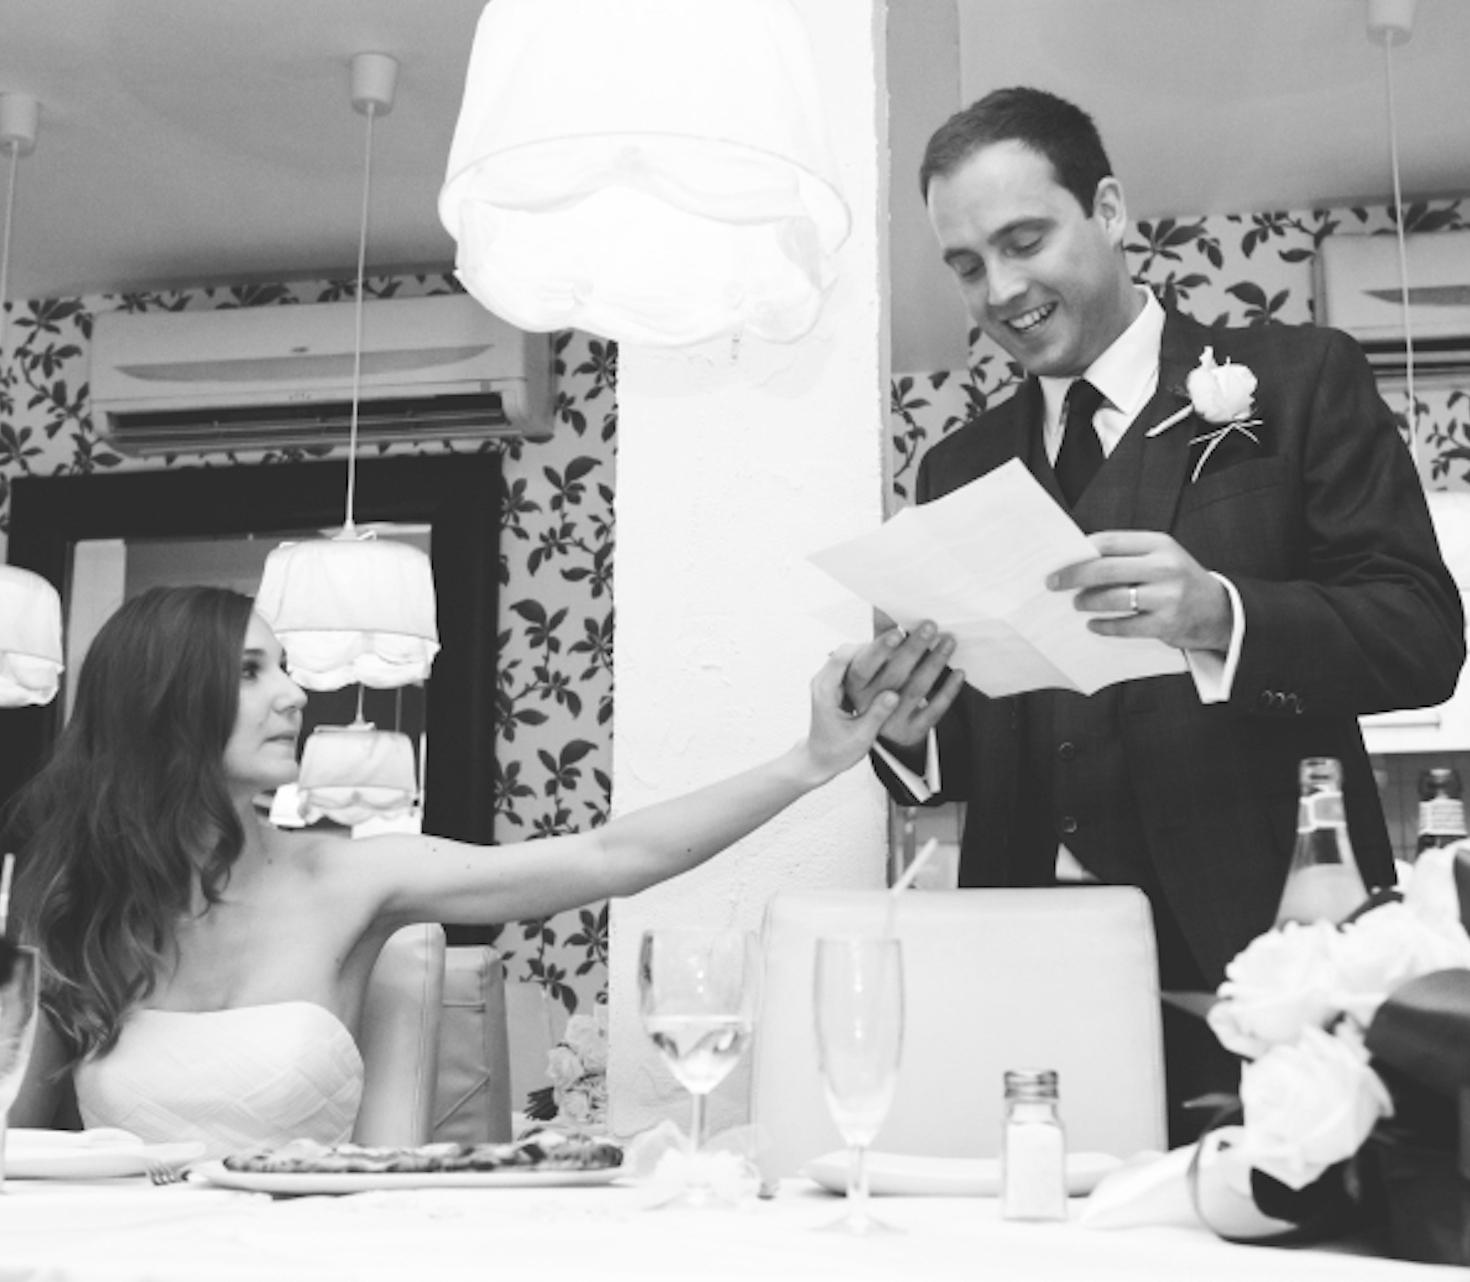 Die lustige Hochzeitsrede des Bräutigams